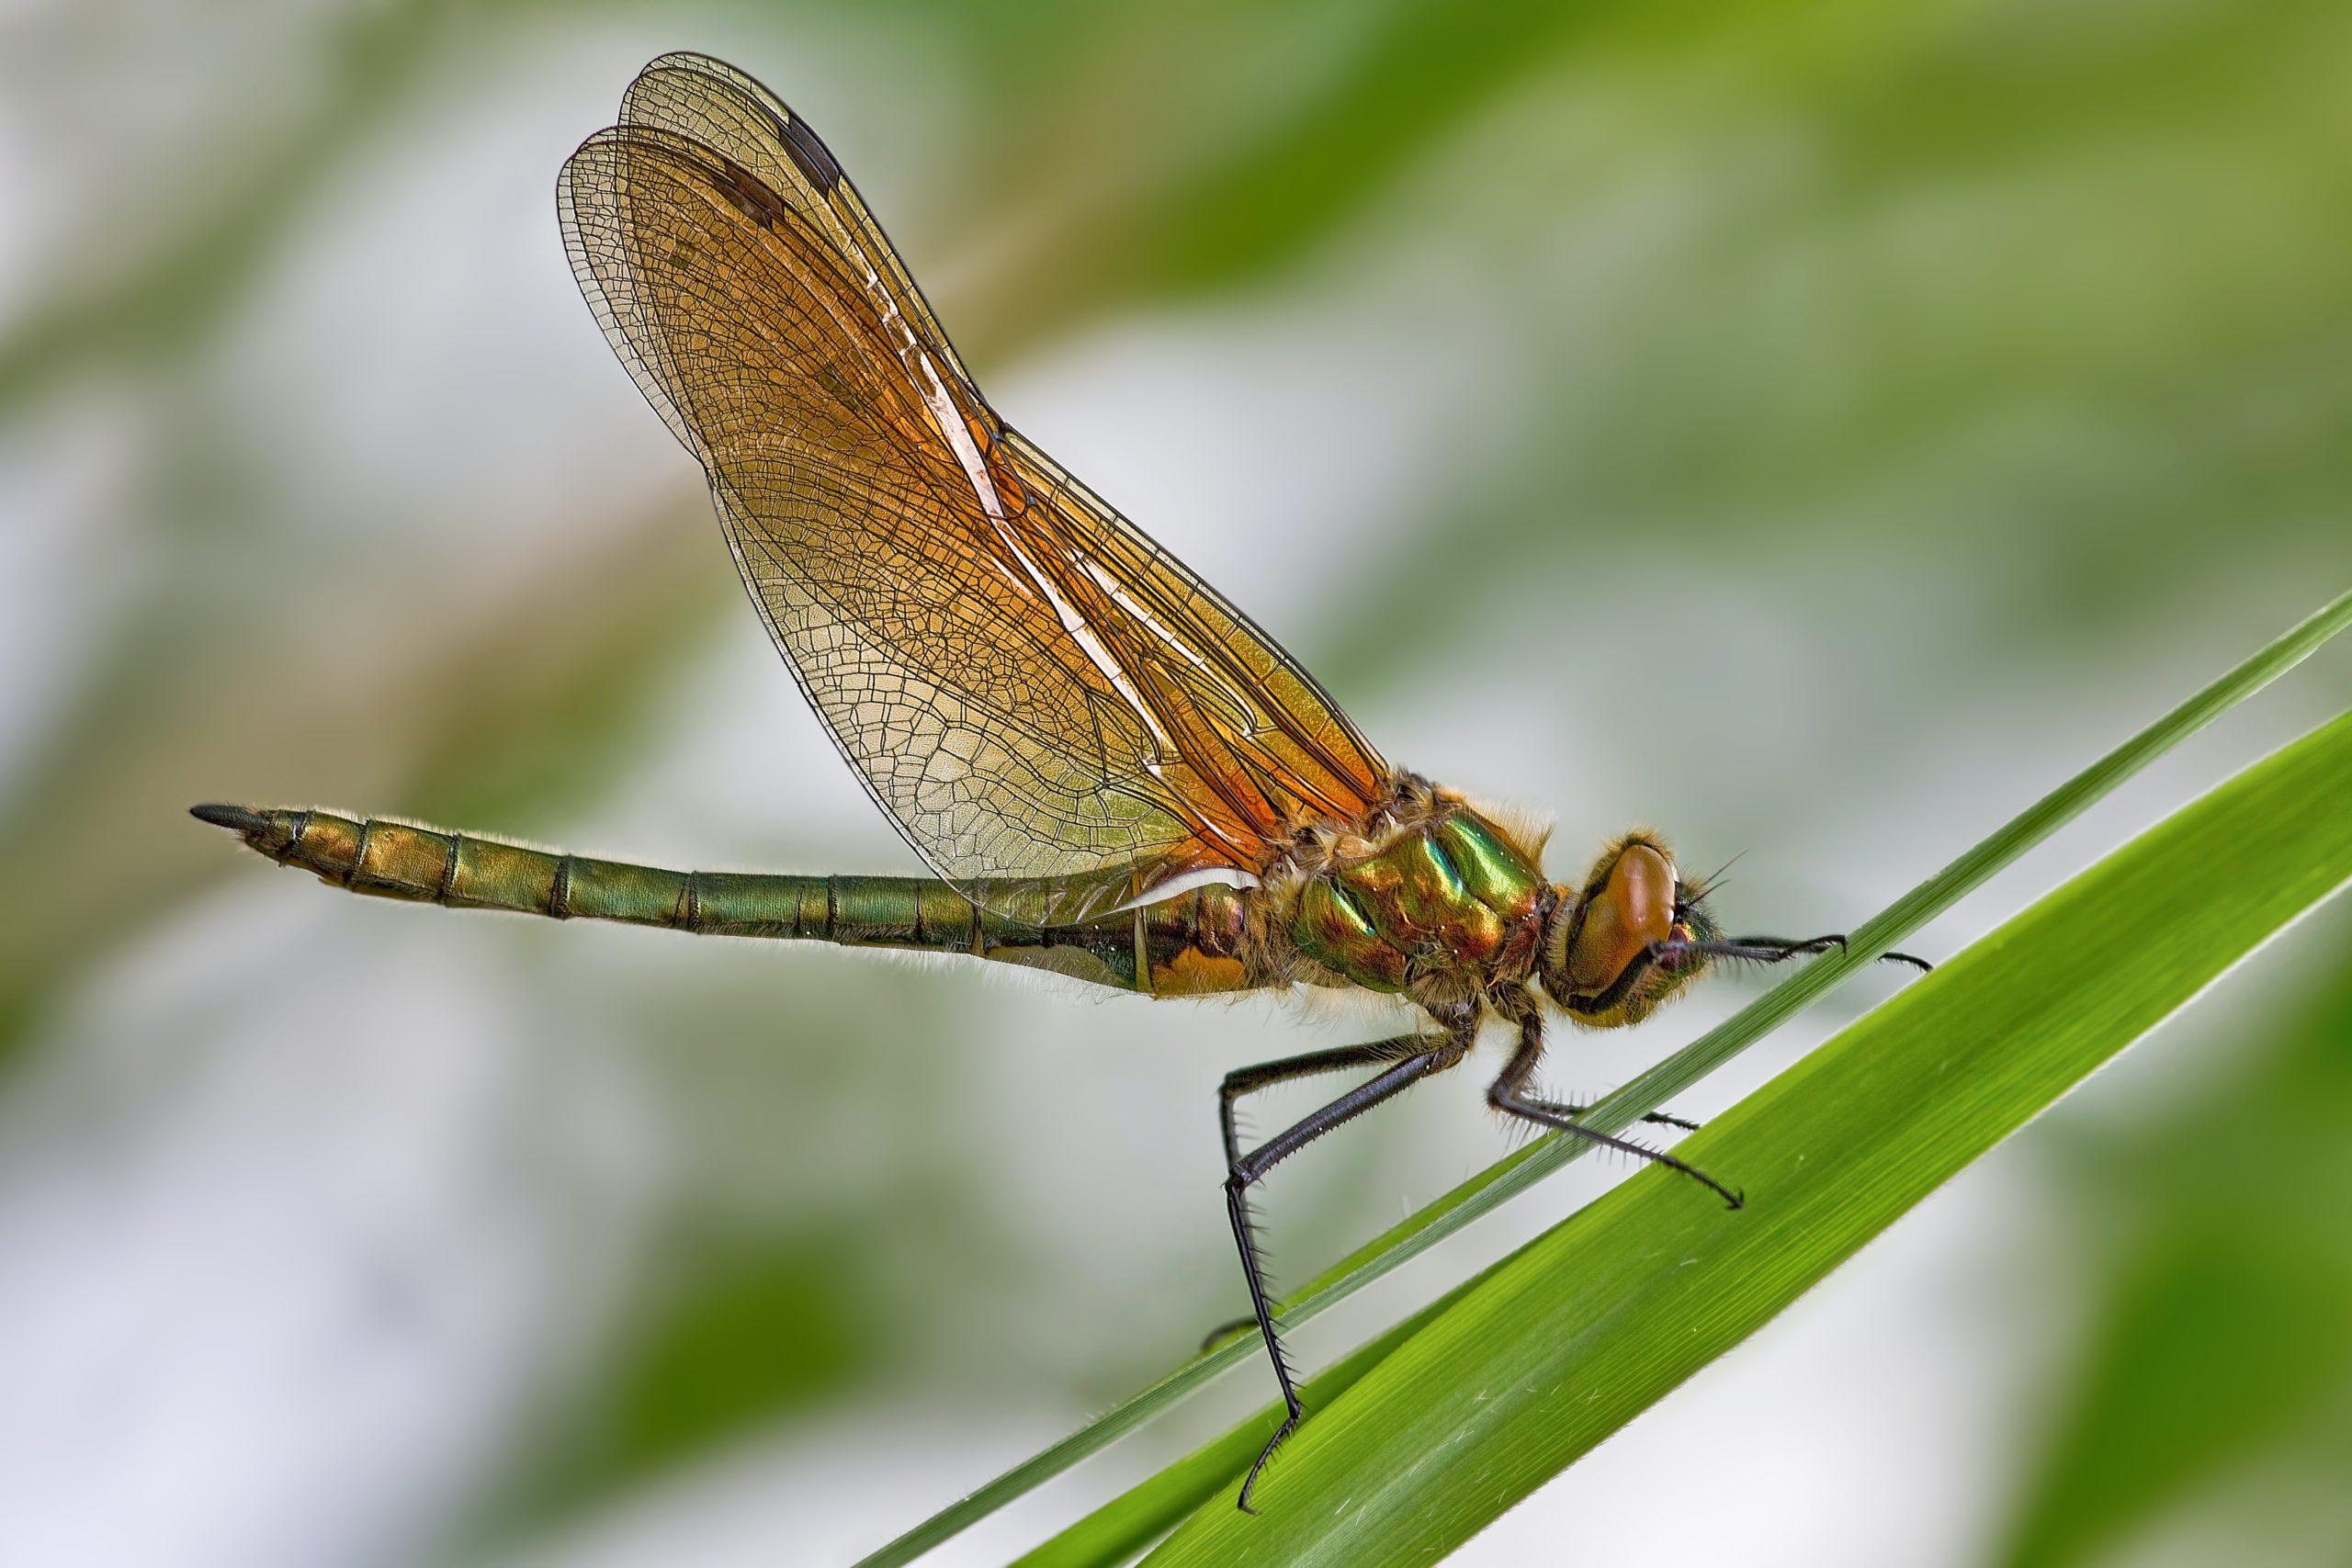 Les insectes suisses sont menacés